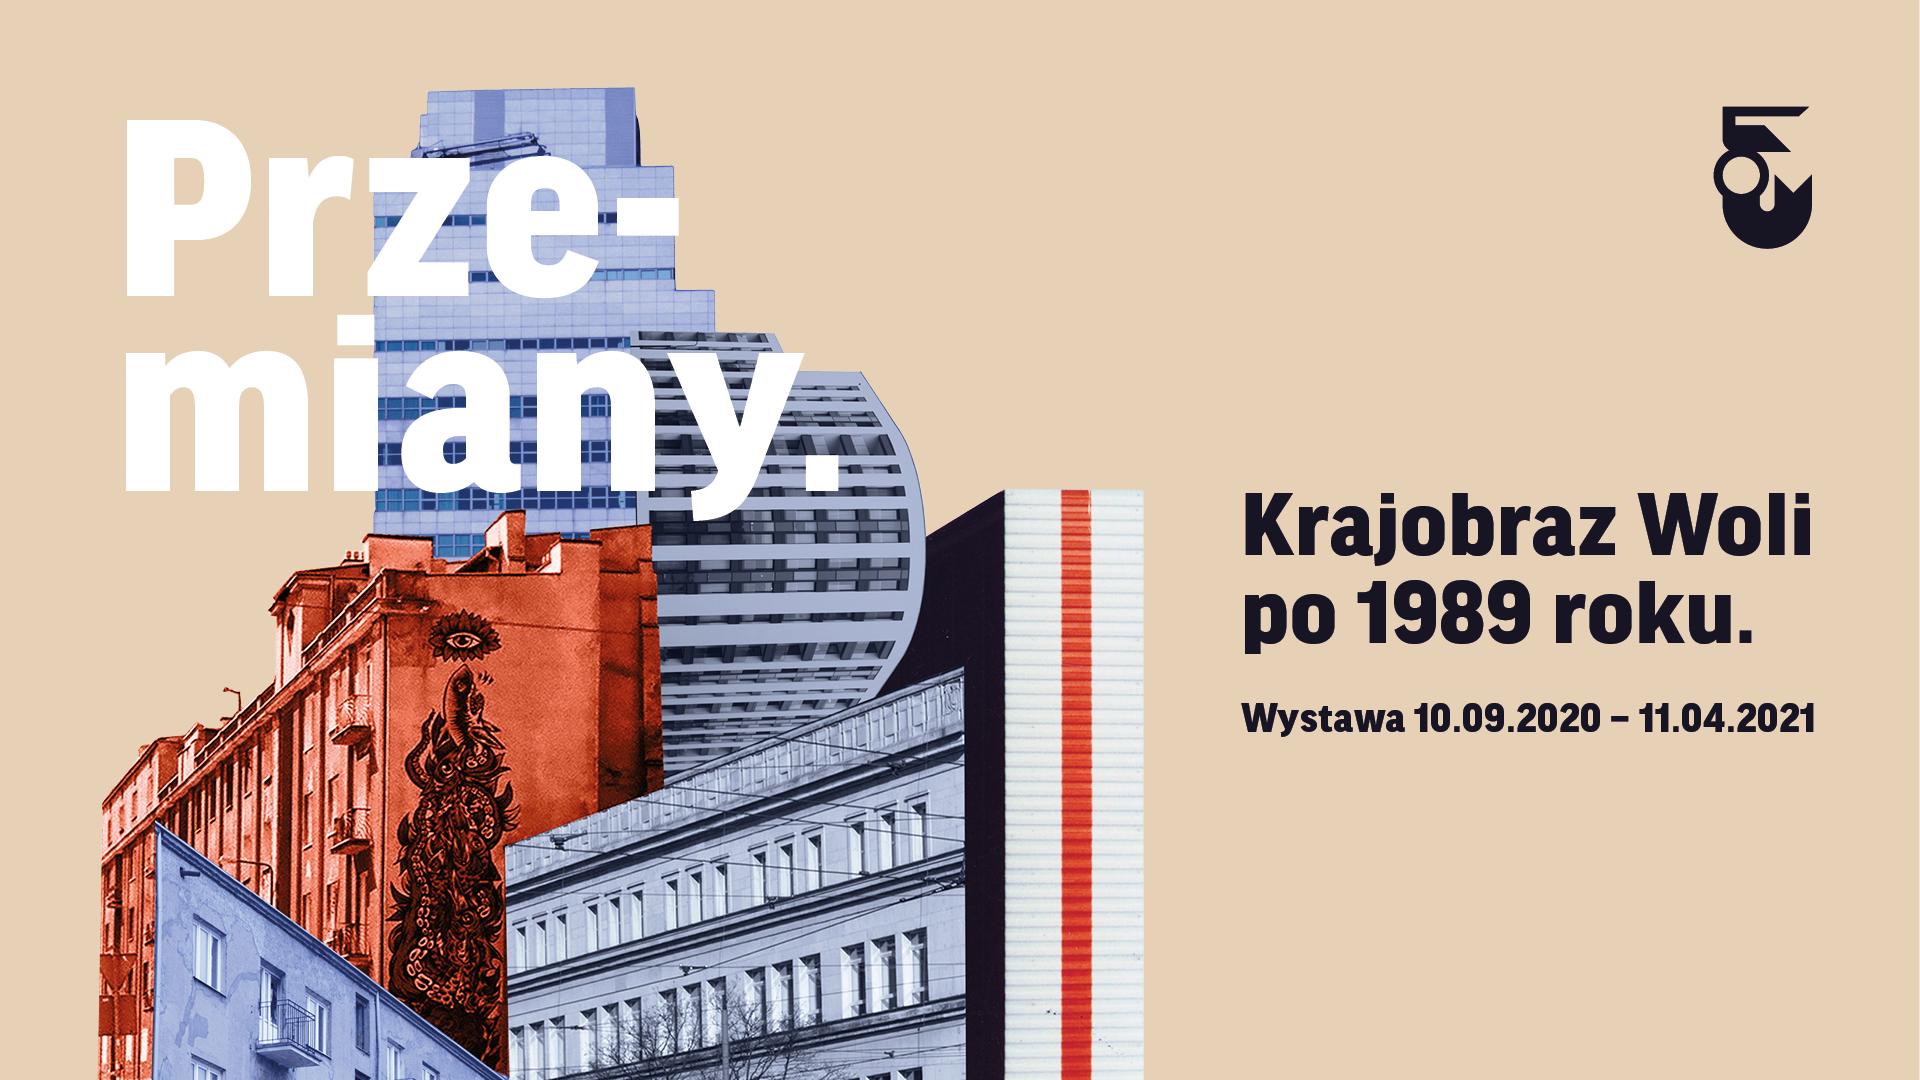 Grafika. Na jasnym tle po prawej kolaż zrobiony ze zdjęć budynków. Nad nim tekst Przemiany. Obok tekst: Krajobraz Woli po 1989 roku.